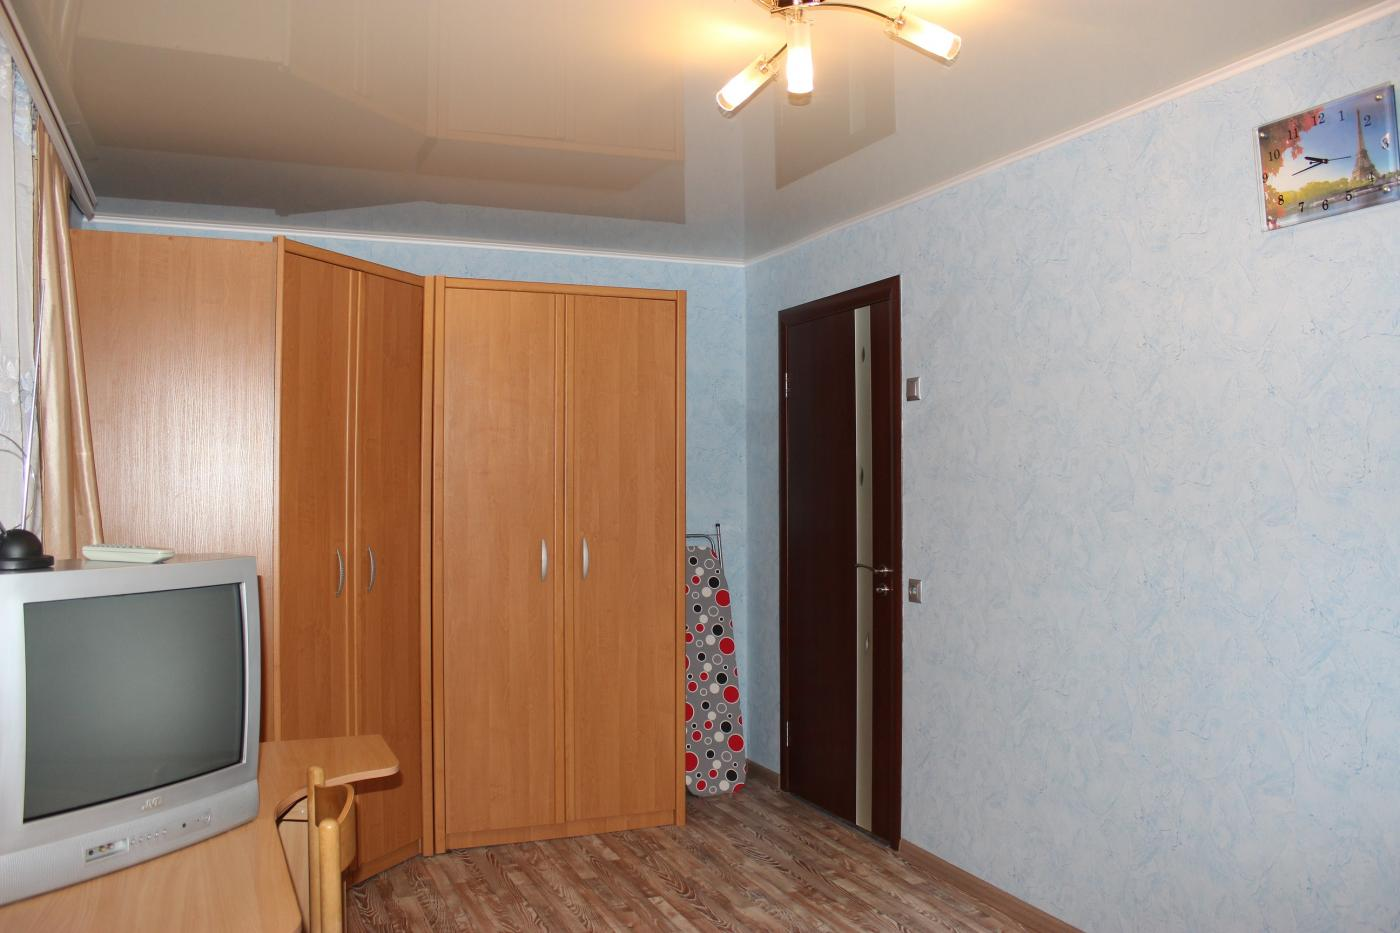 2-комнатная квартира посуточно (вариант № 814), ул. Гоголя улица, фото № 7